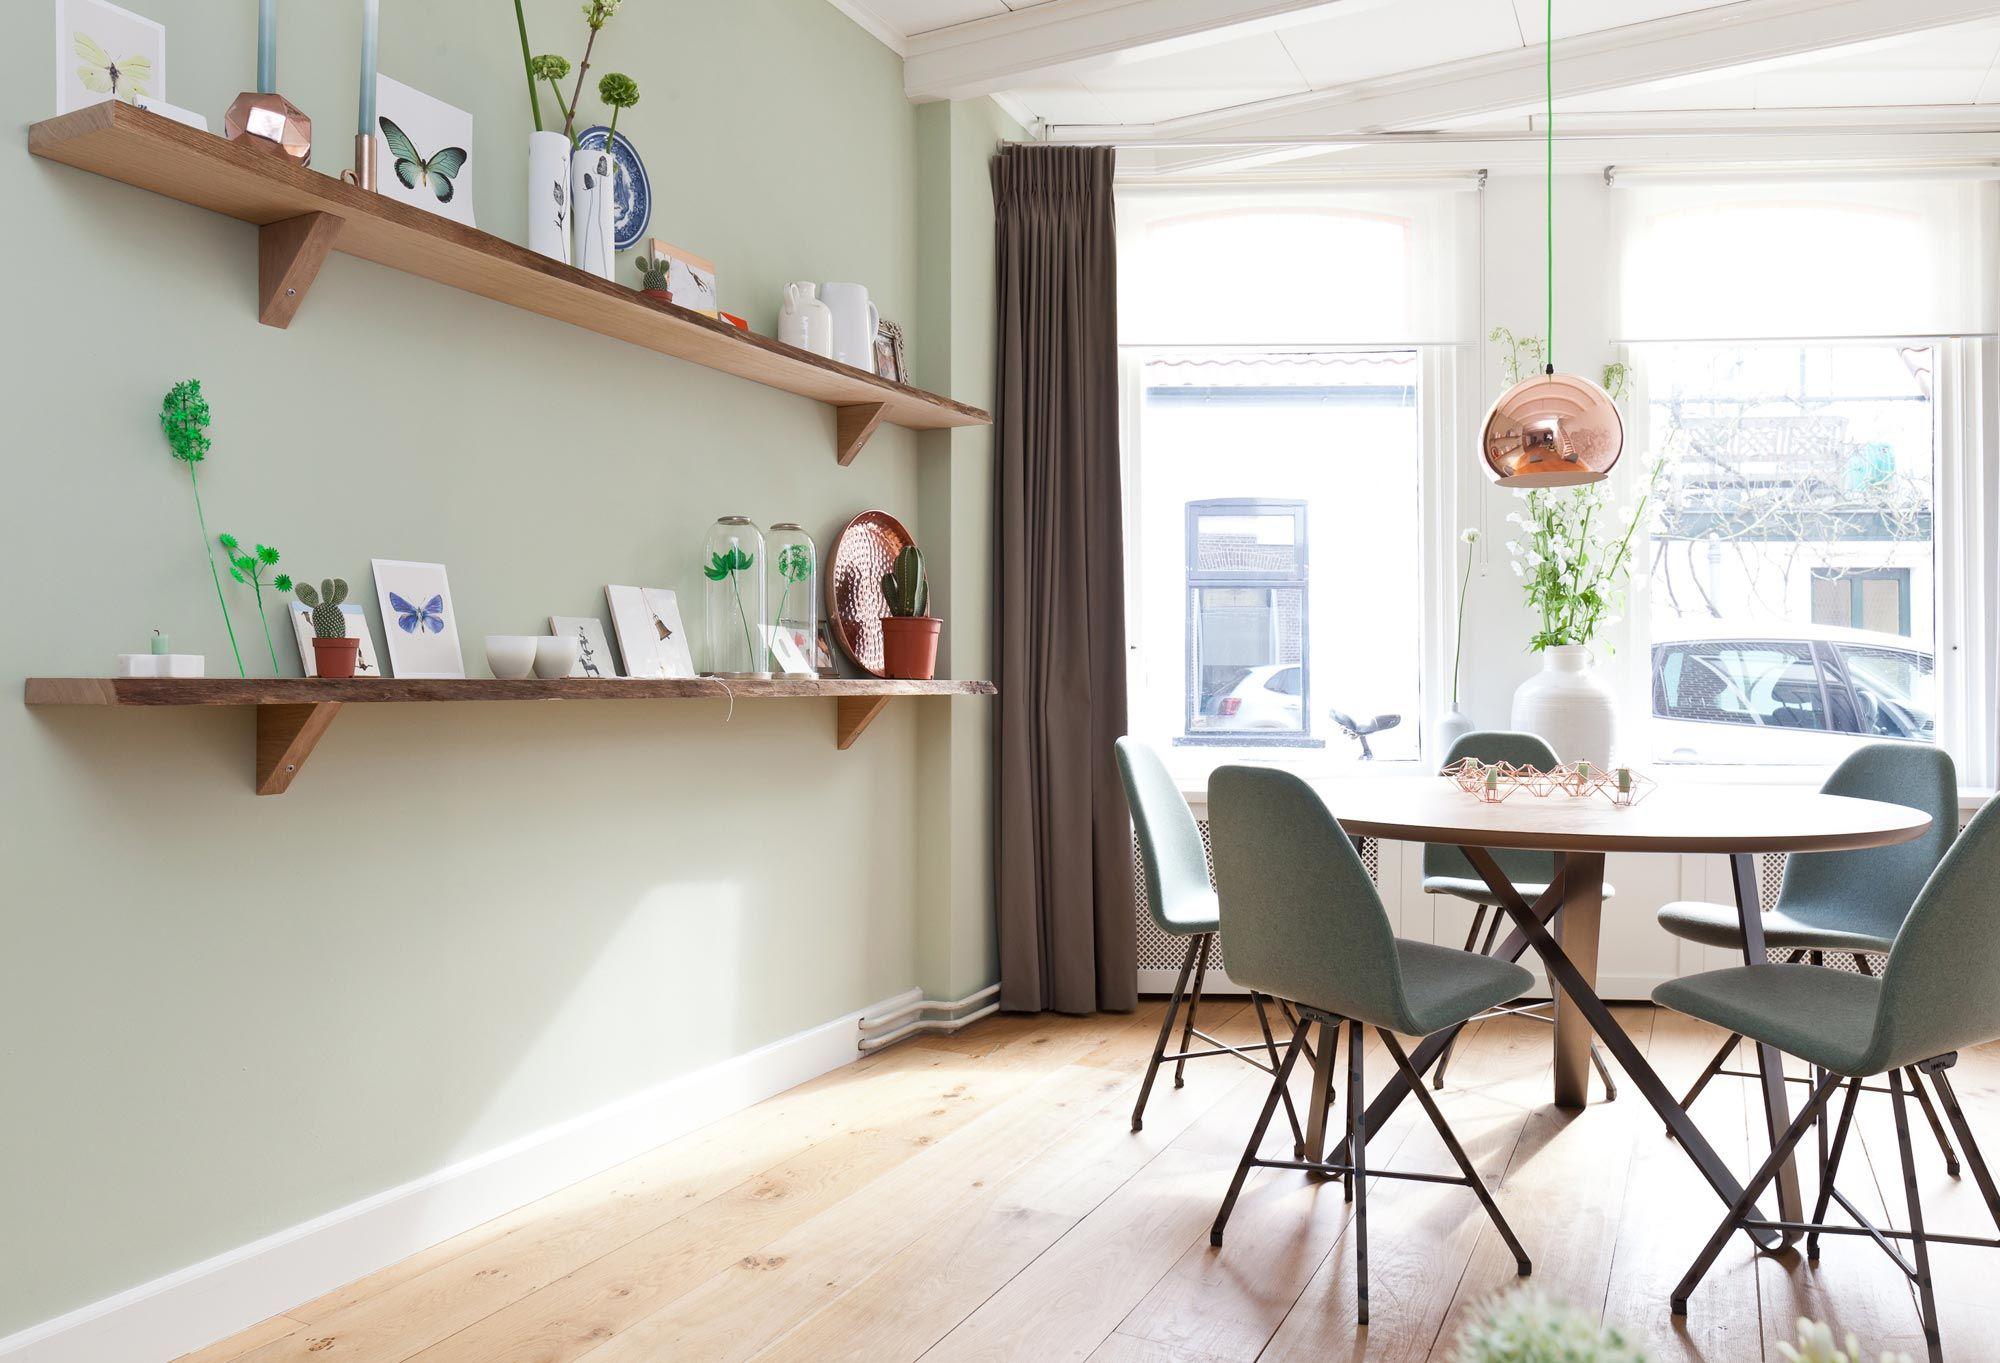 wandplanken - Woonideeen | Pinterest - Eethoek, Eetkamer en Kleur